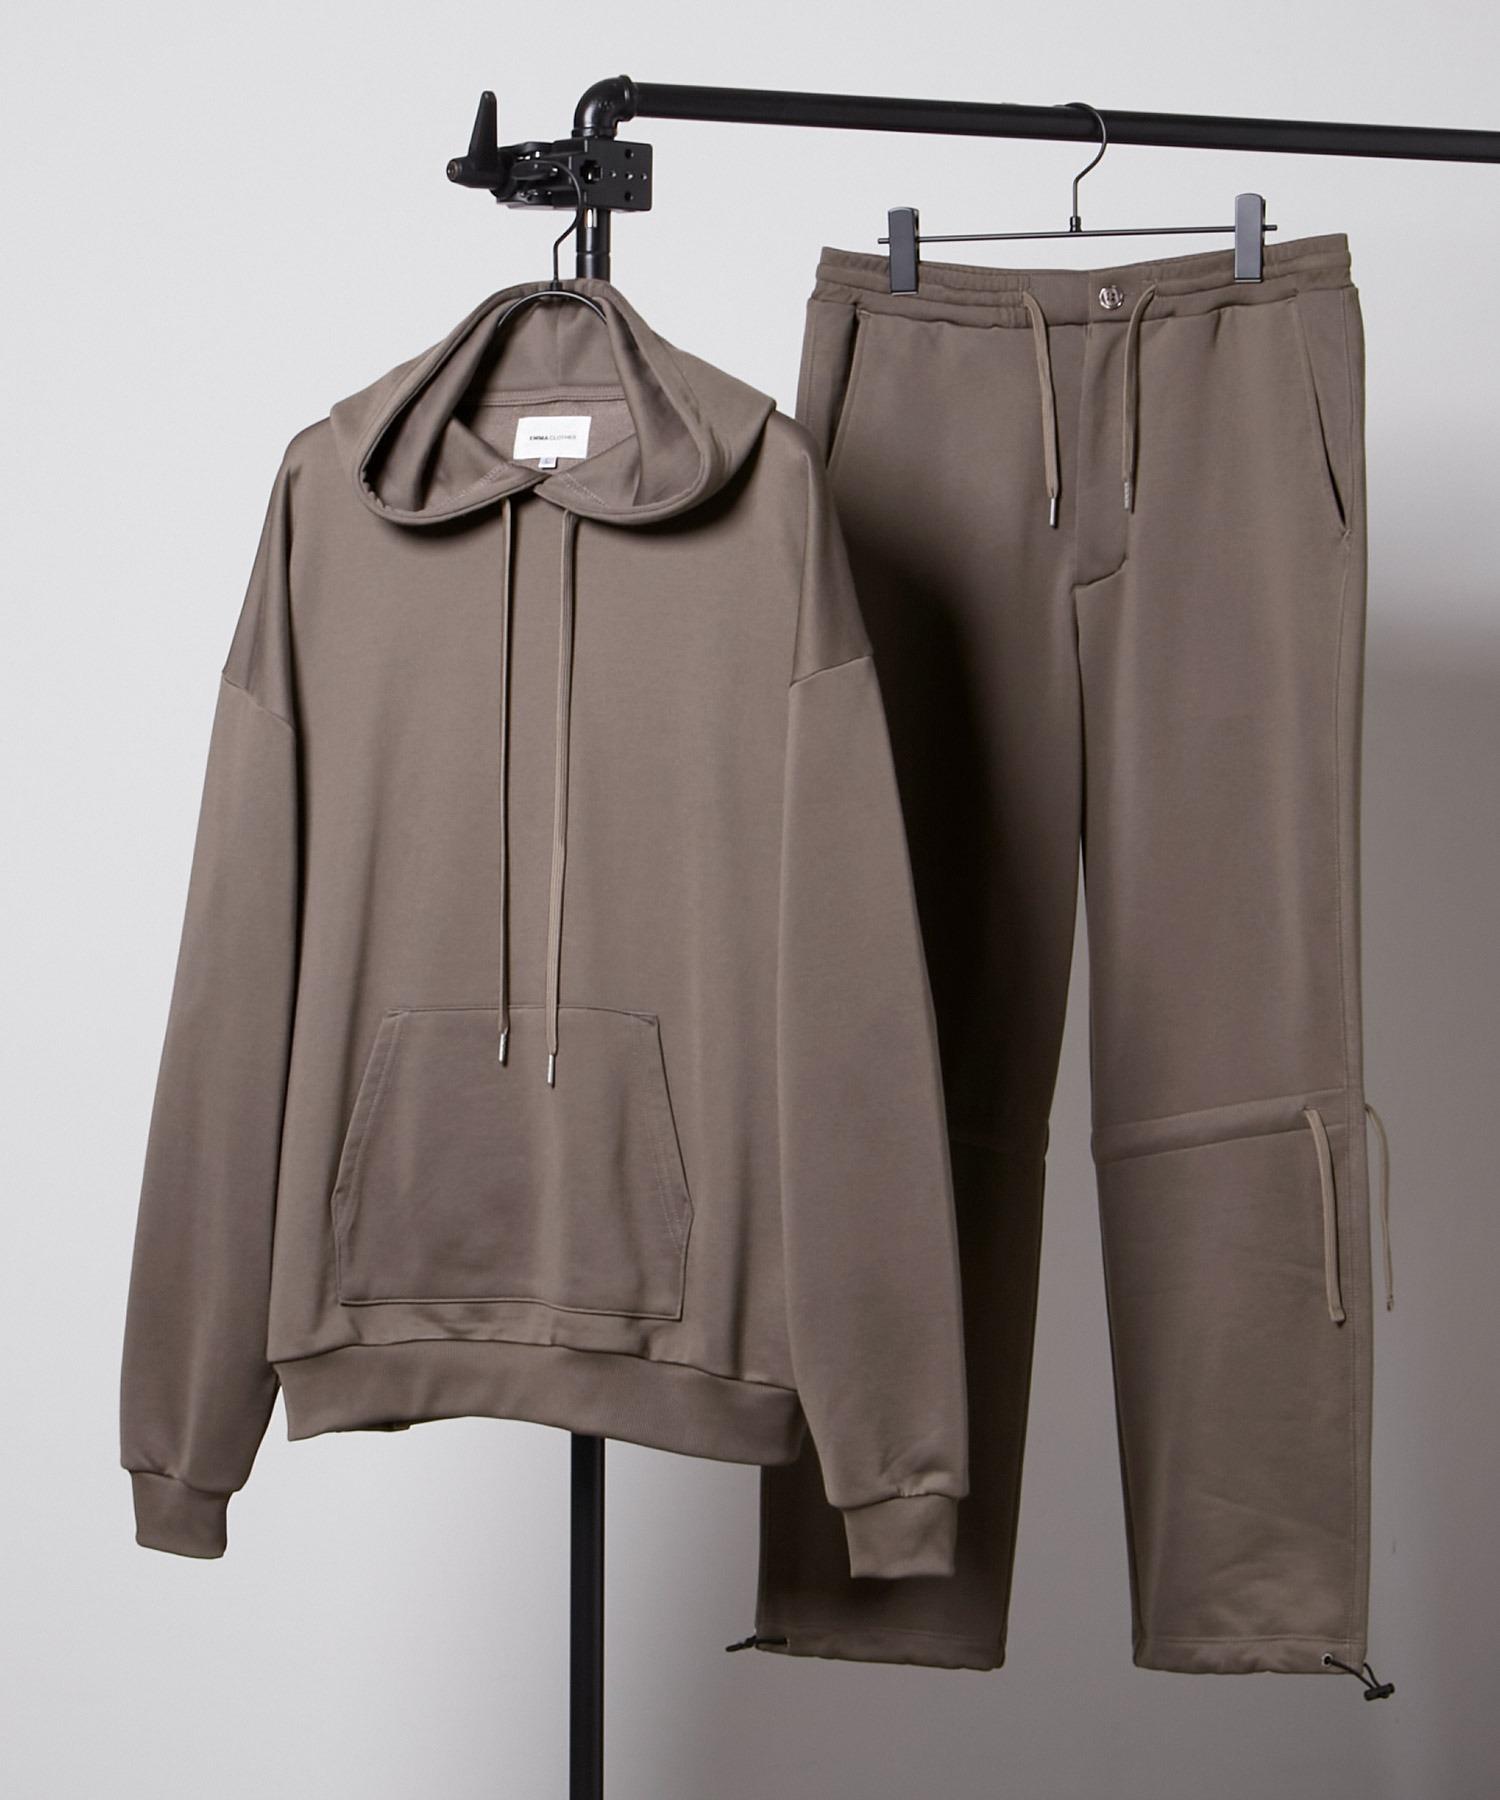 【セットアップ】ビッグシルエット クオリティーブライト裏毛 プルオーバーパーカー&ドローコードスウェットパンツ EMMA CLOTHES 2020AW